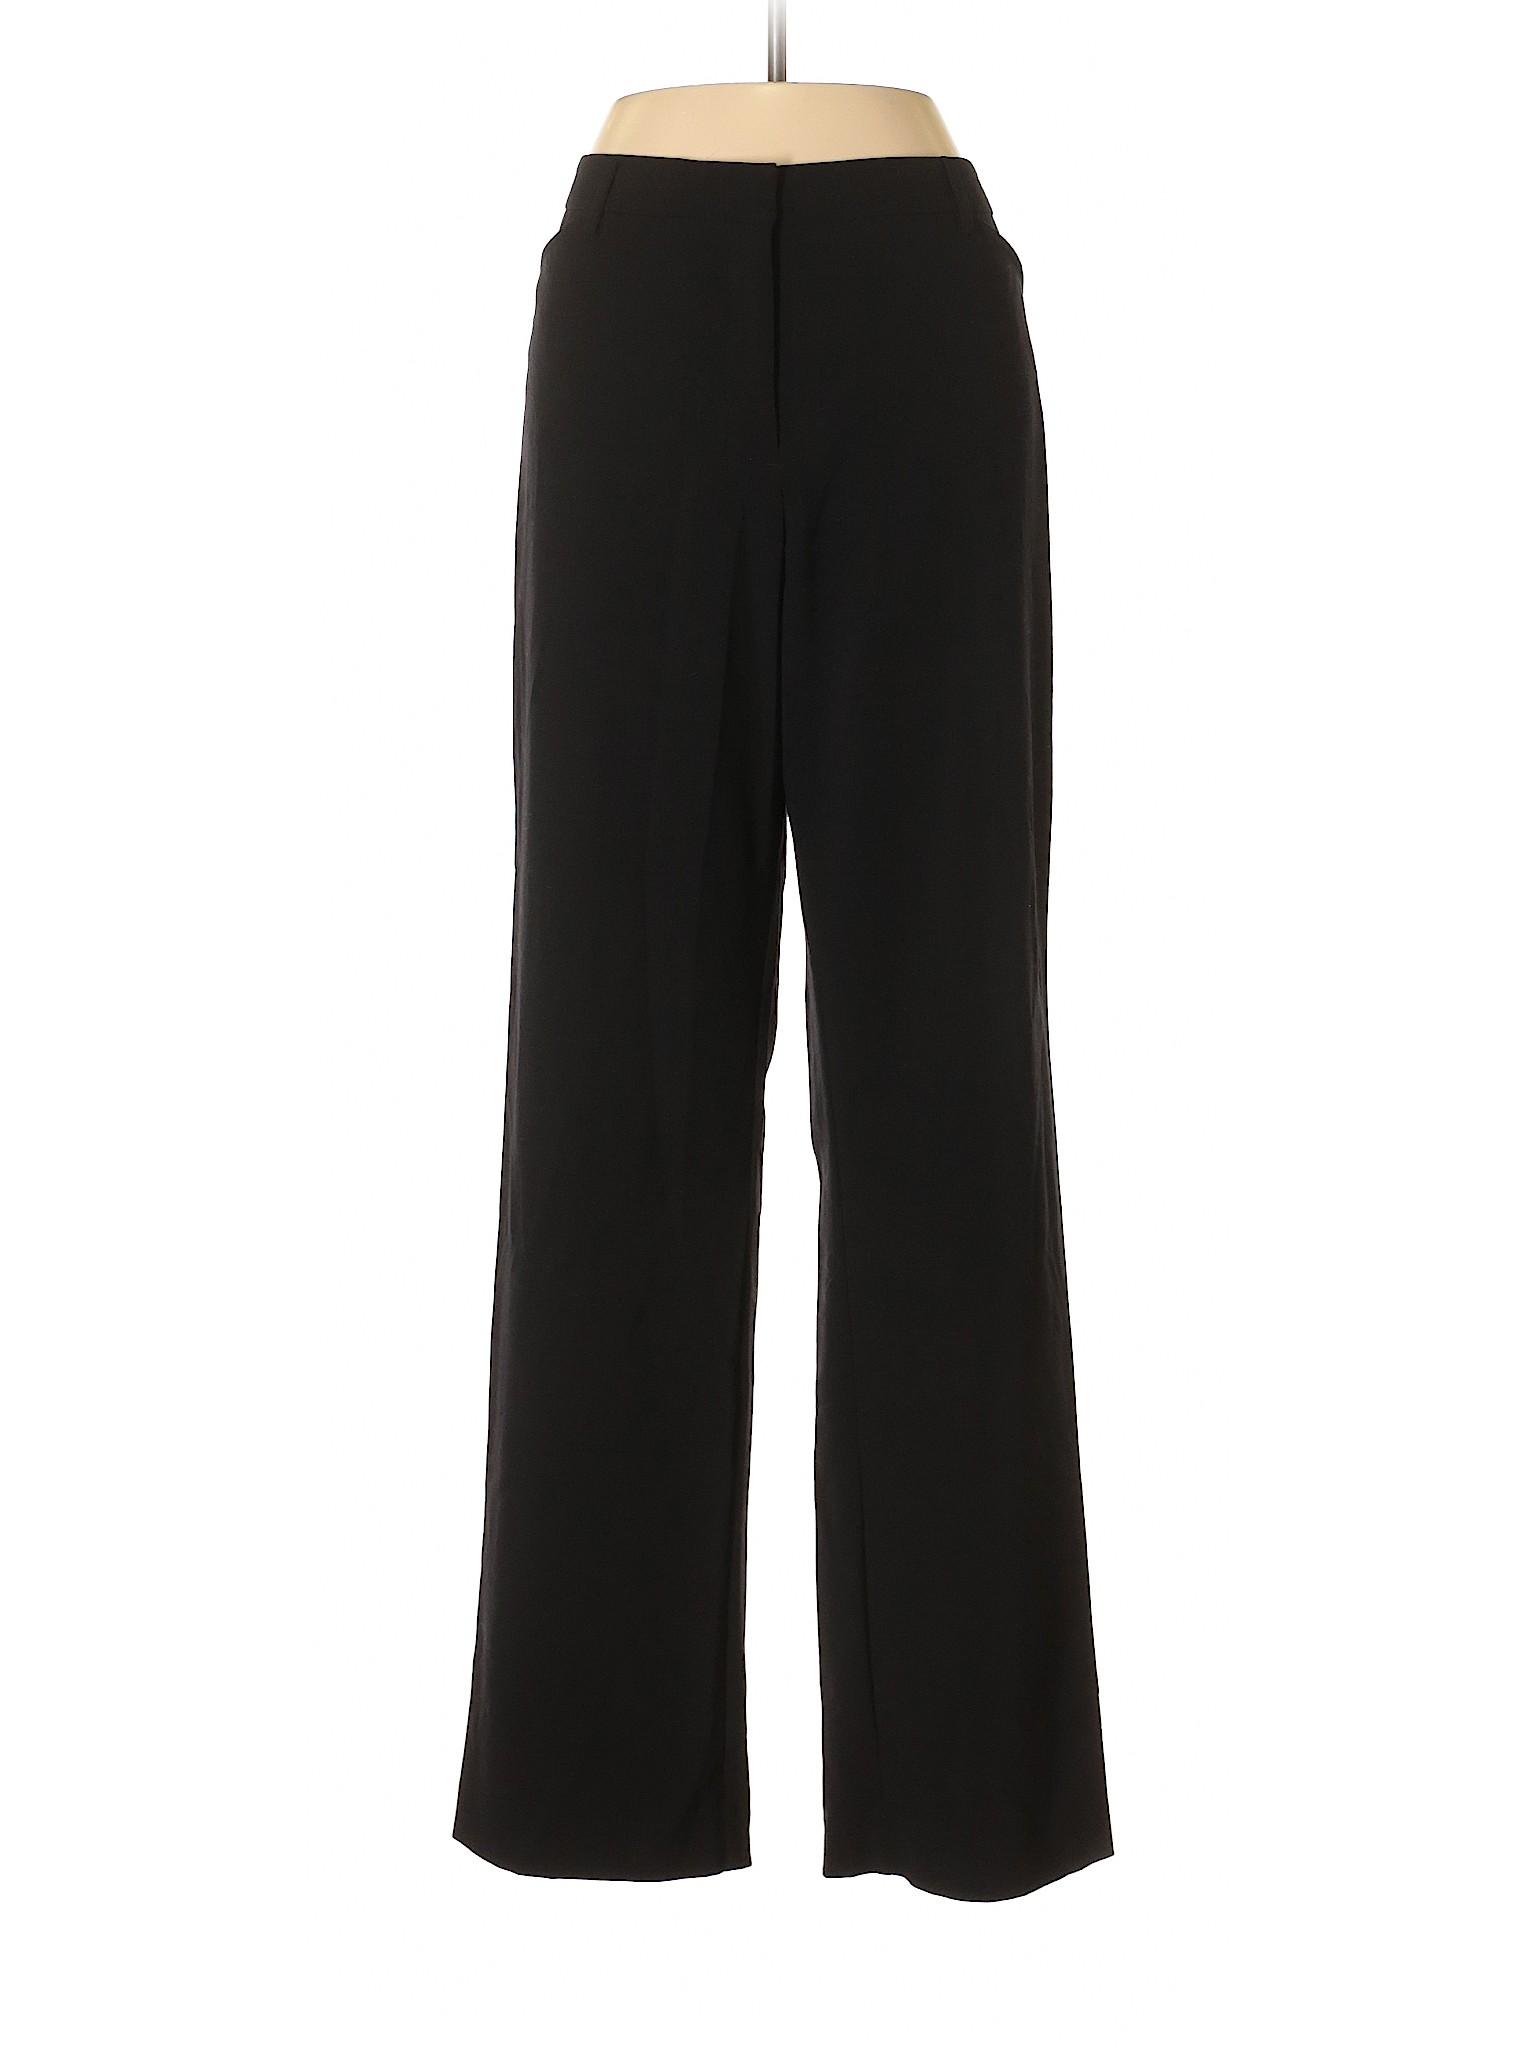 212 Boutique Pants leisure Collection Dress zOOwgFxq5